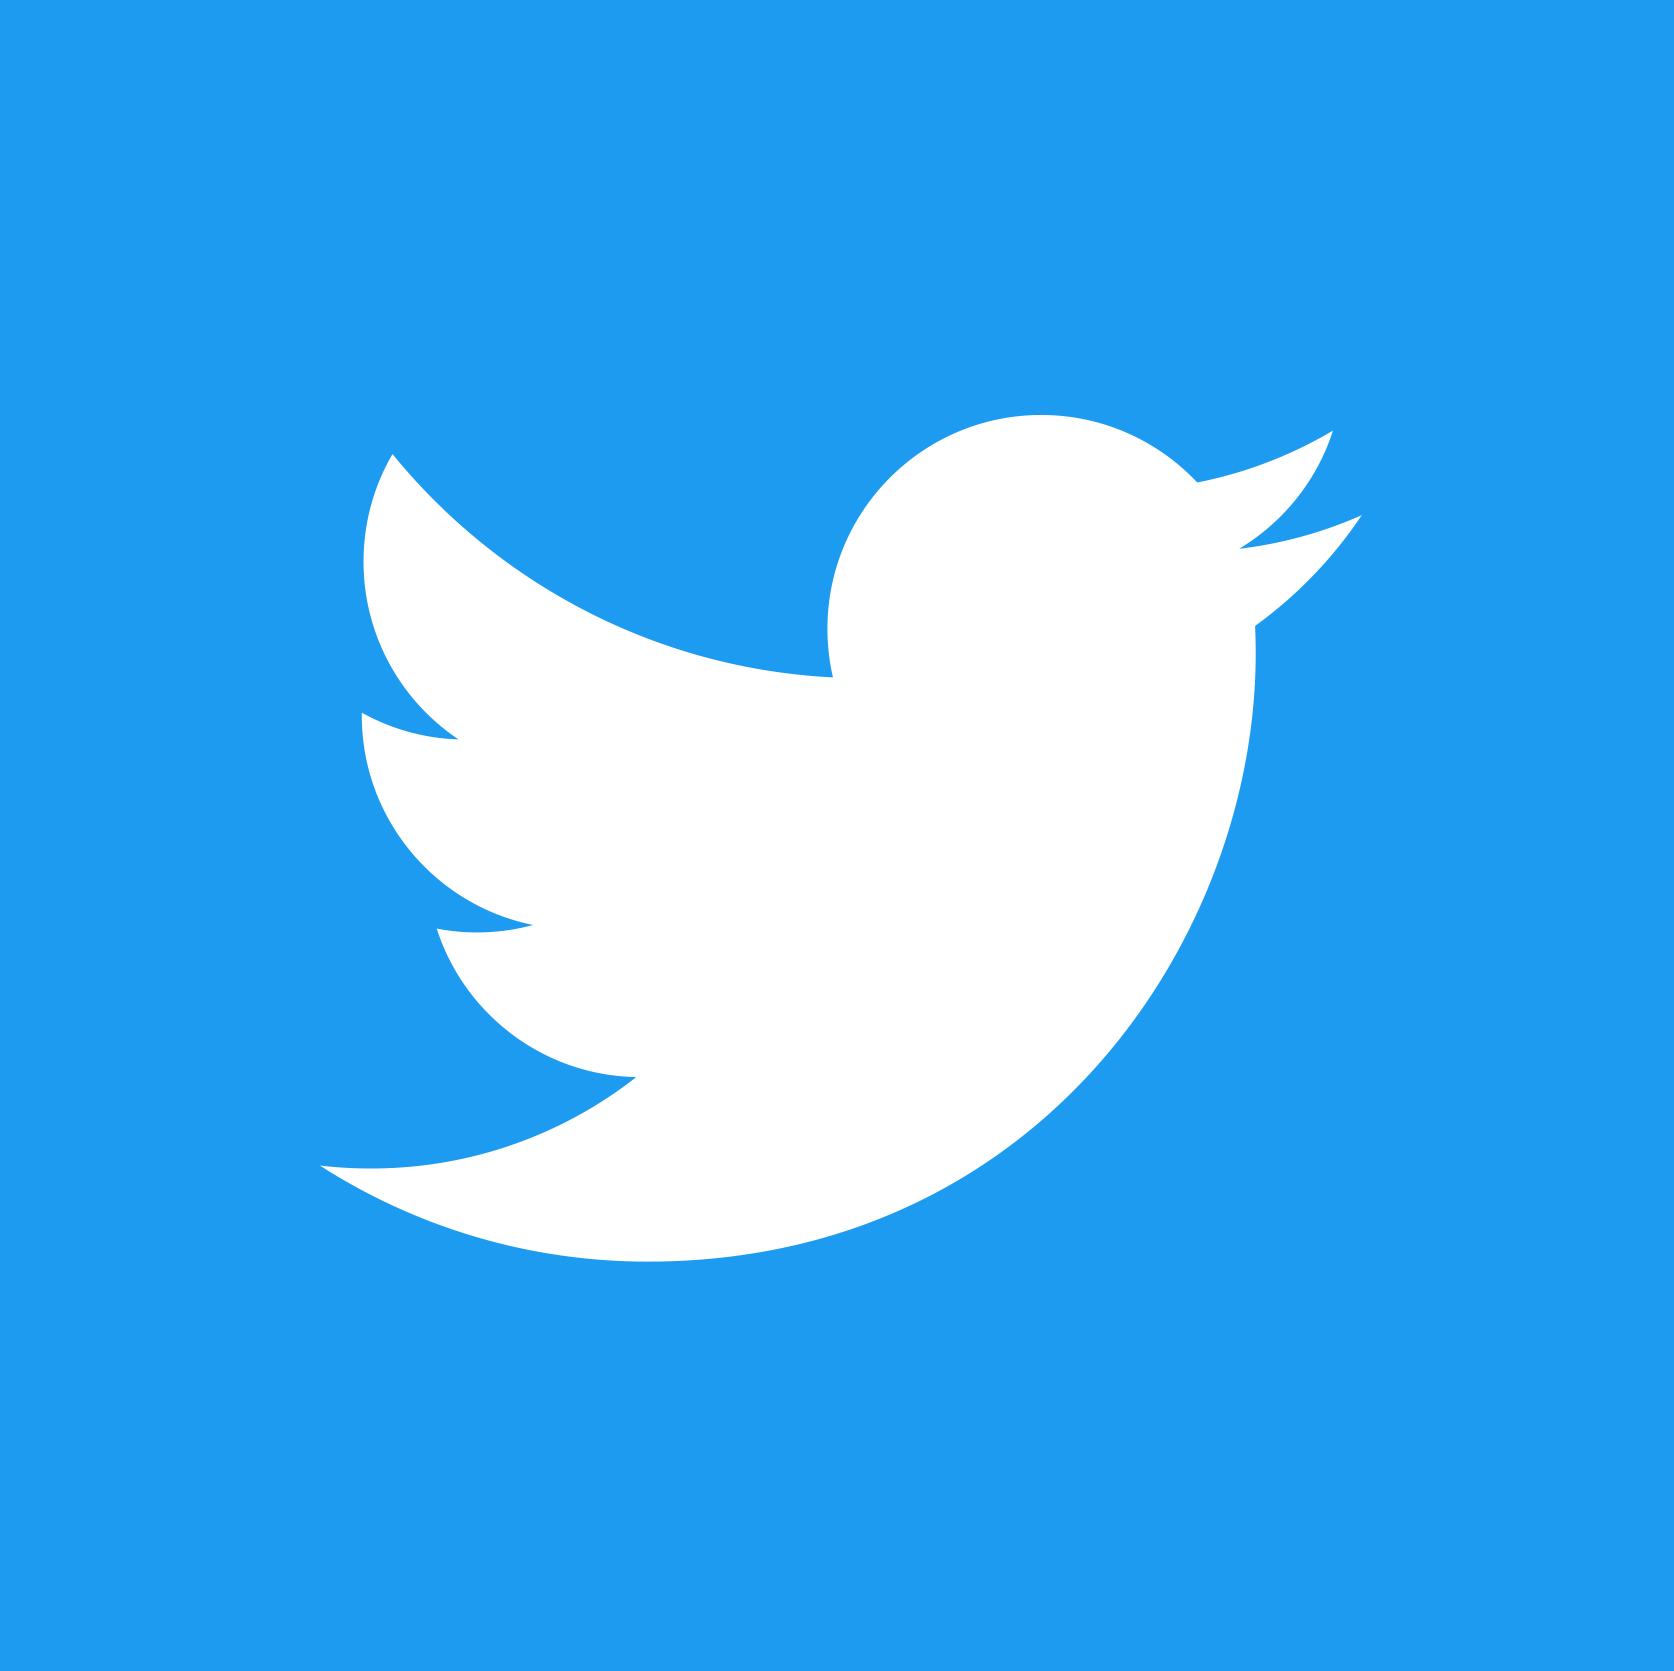 logo-twitter